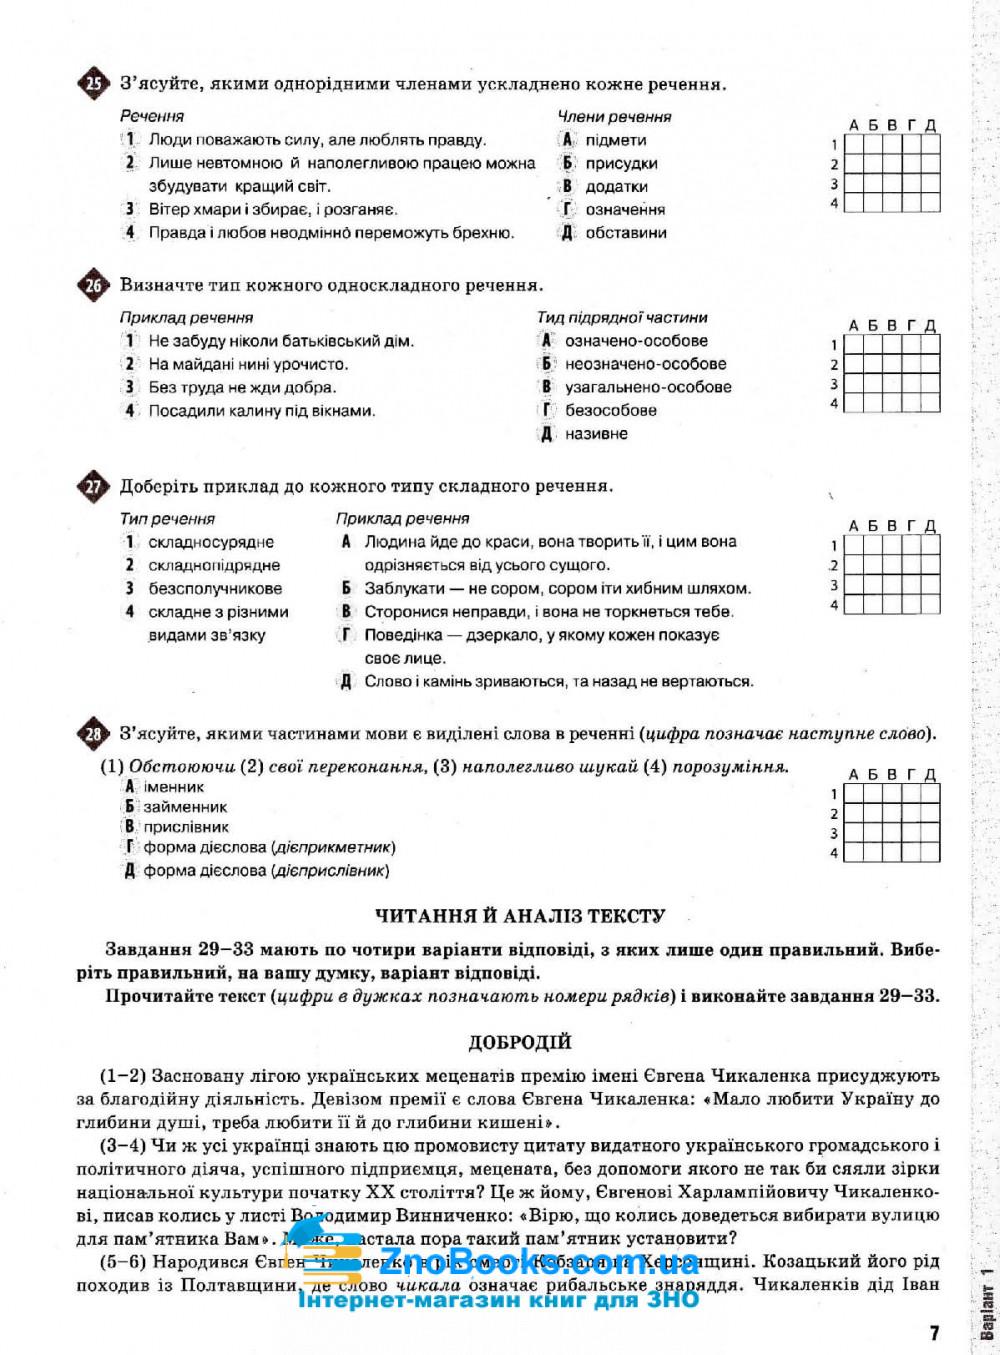 Українська мова (Глазова). Тести до ЗНО 2020 Освіта. купити 7